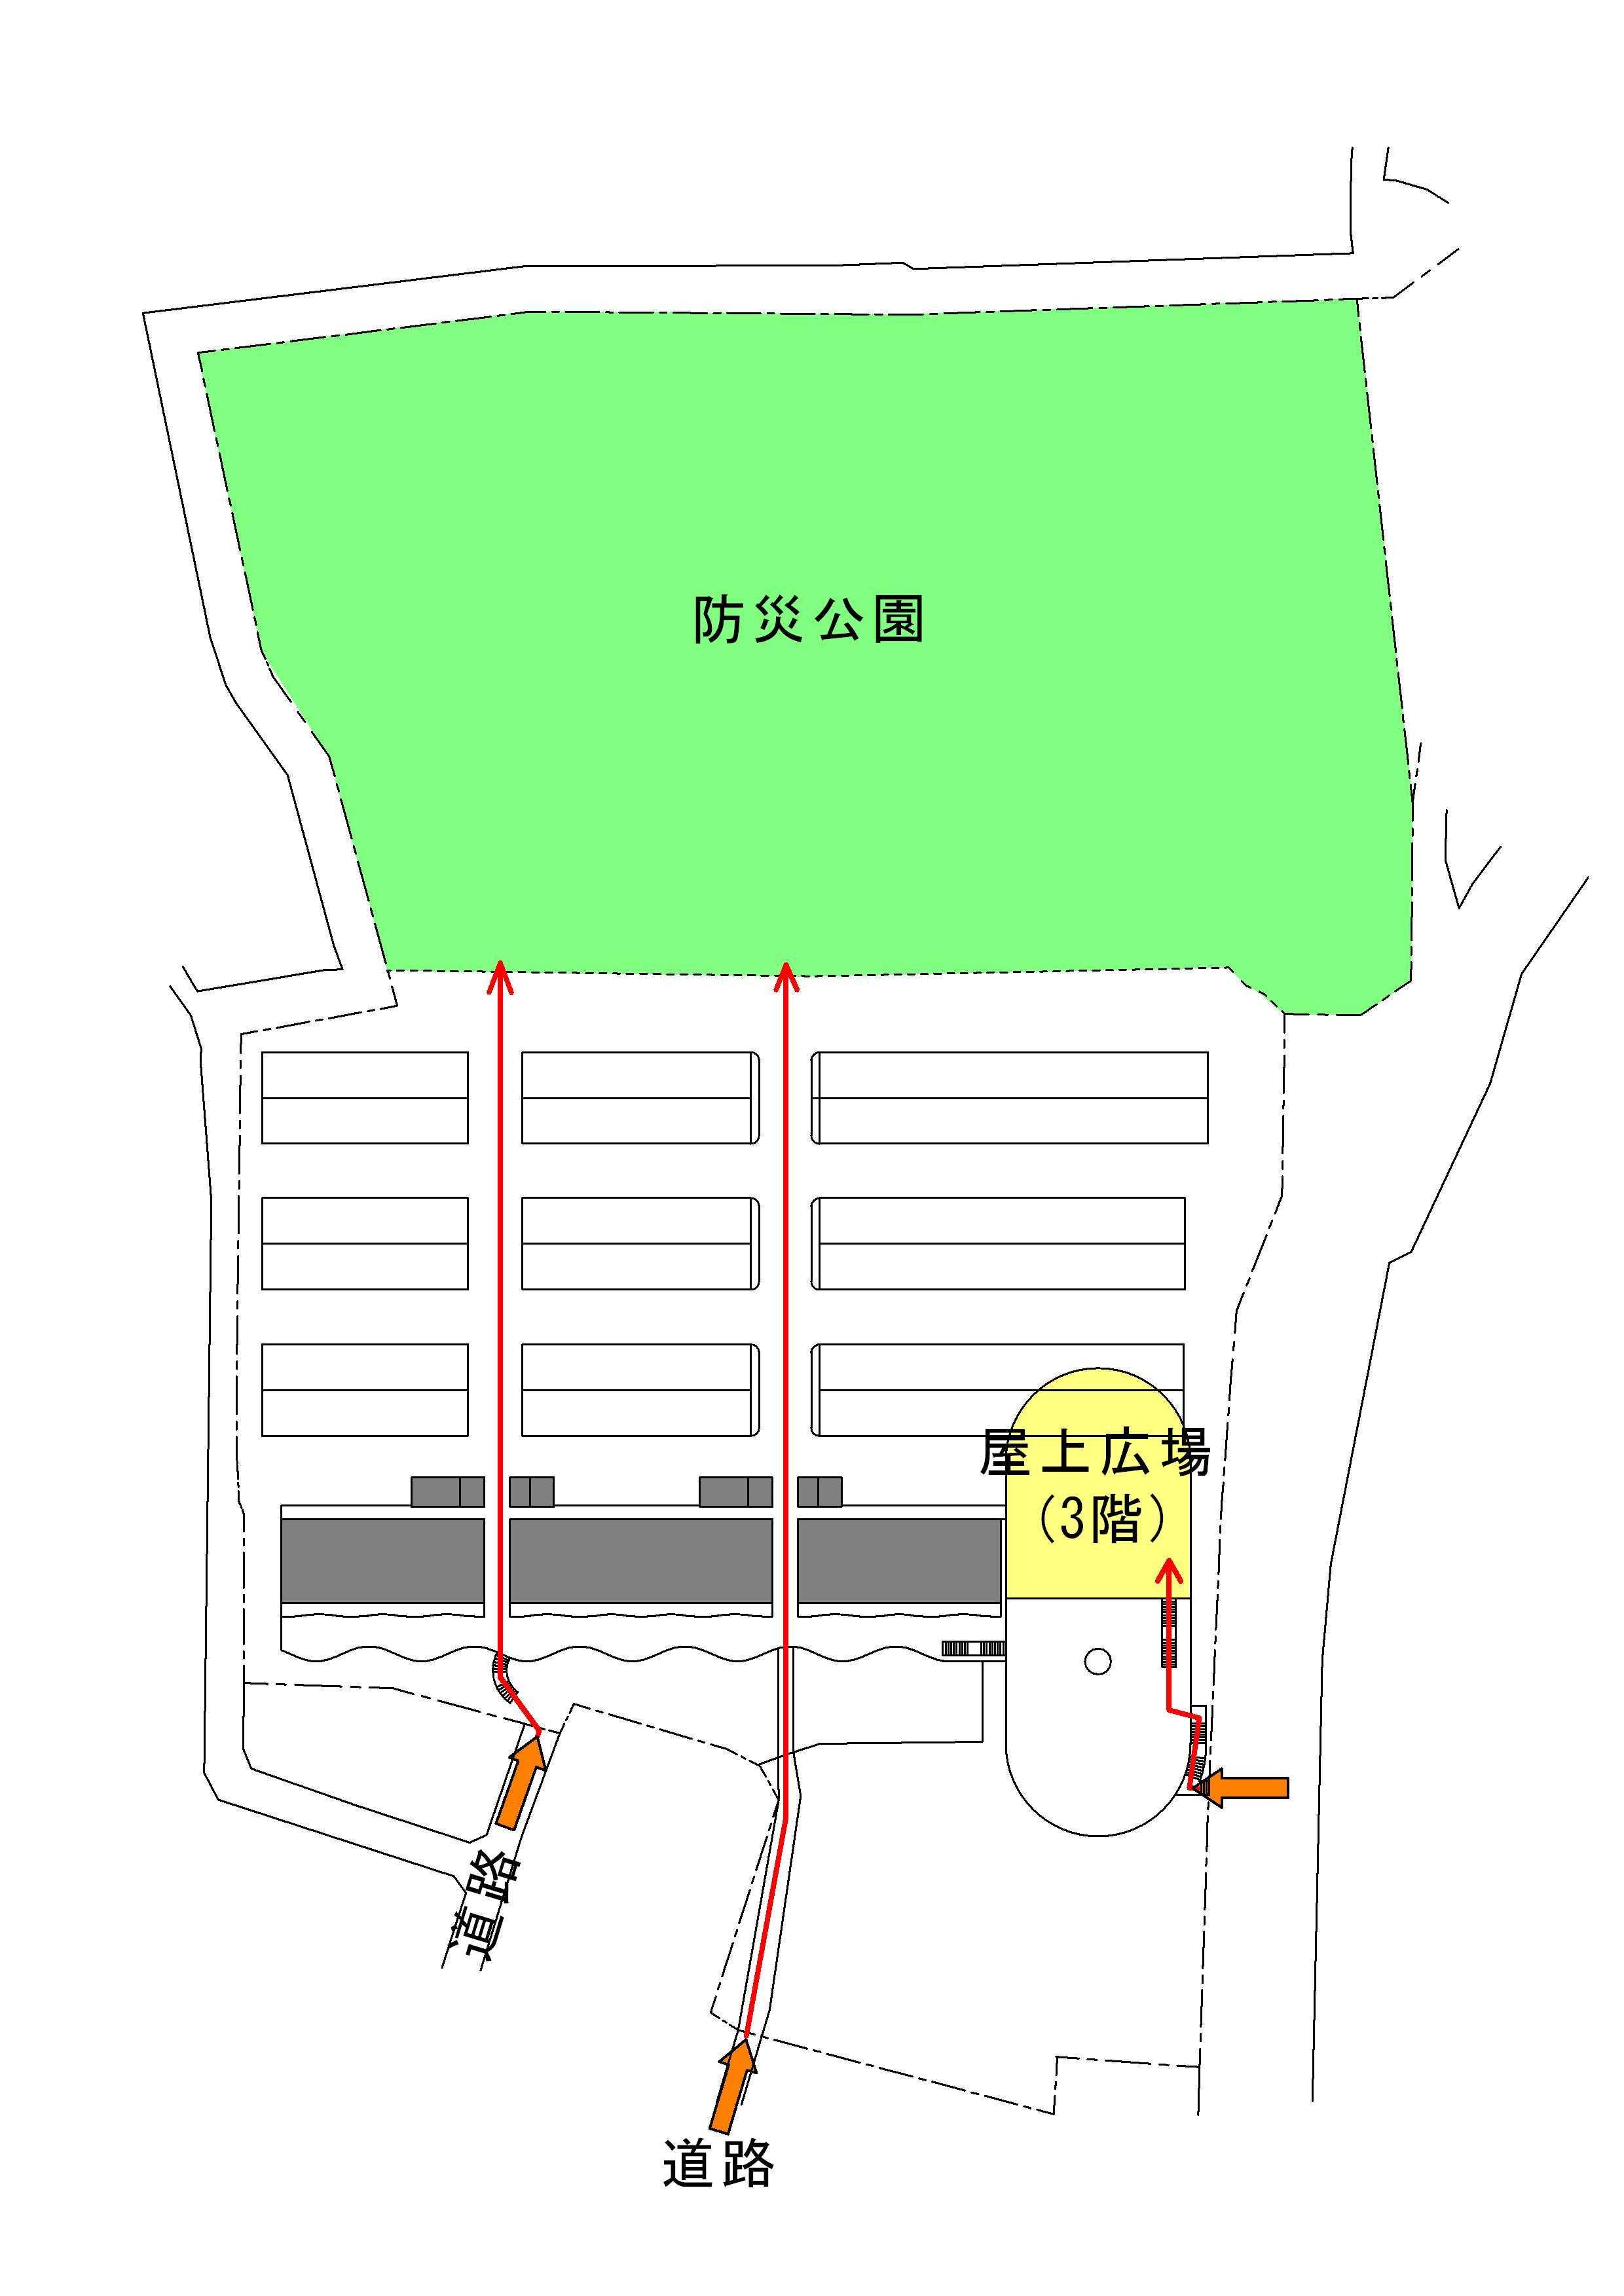 アンビルドシリーズ14 避難経路を軸線に_d0057215_15031125.jpg